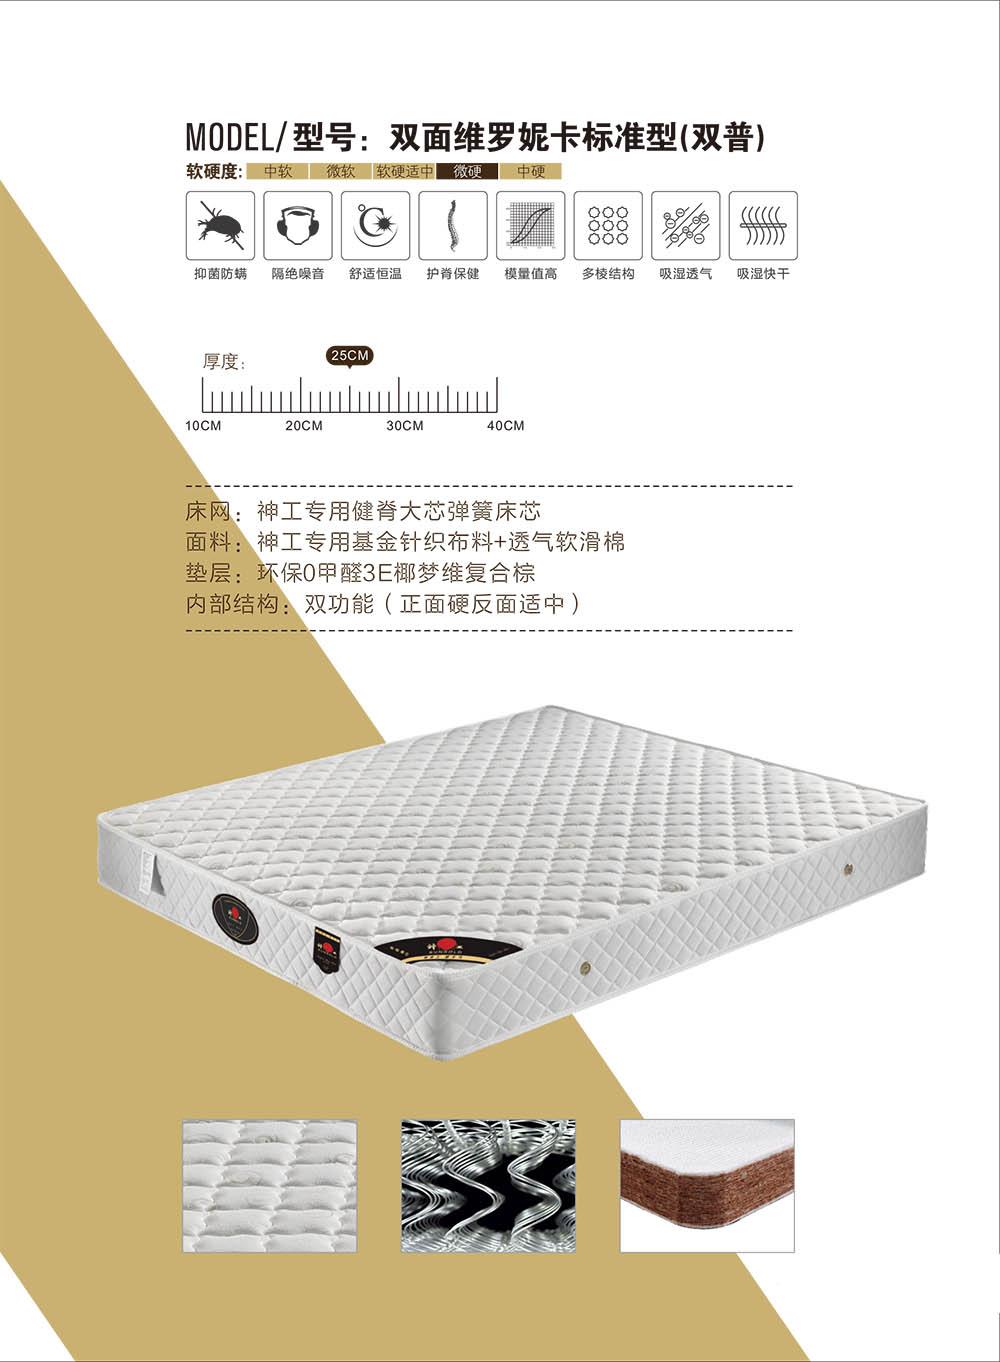 昆明神工双面维罗妮卡标准型床垫